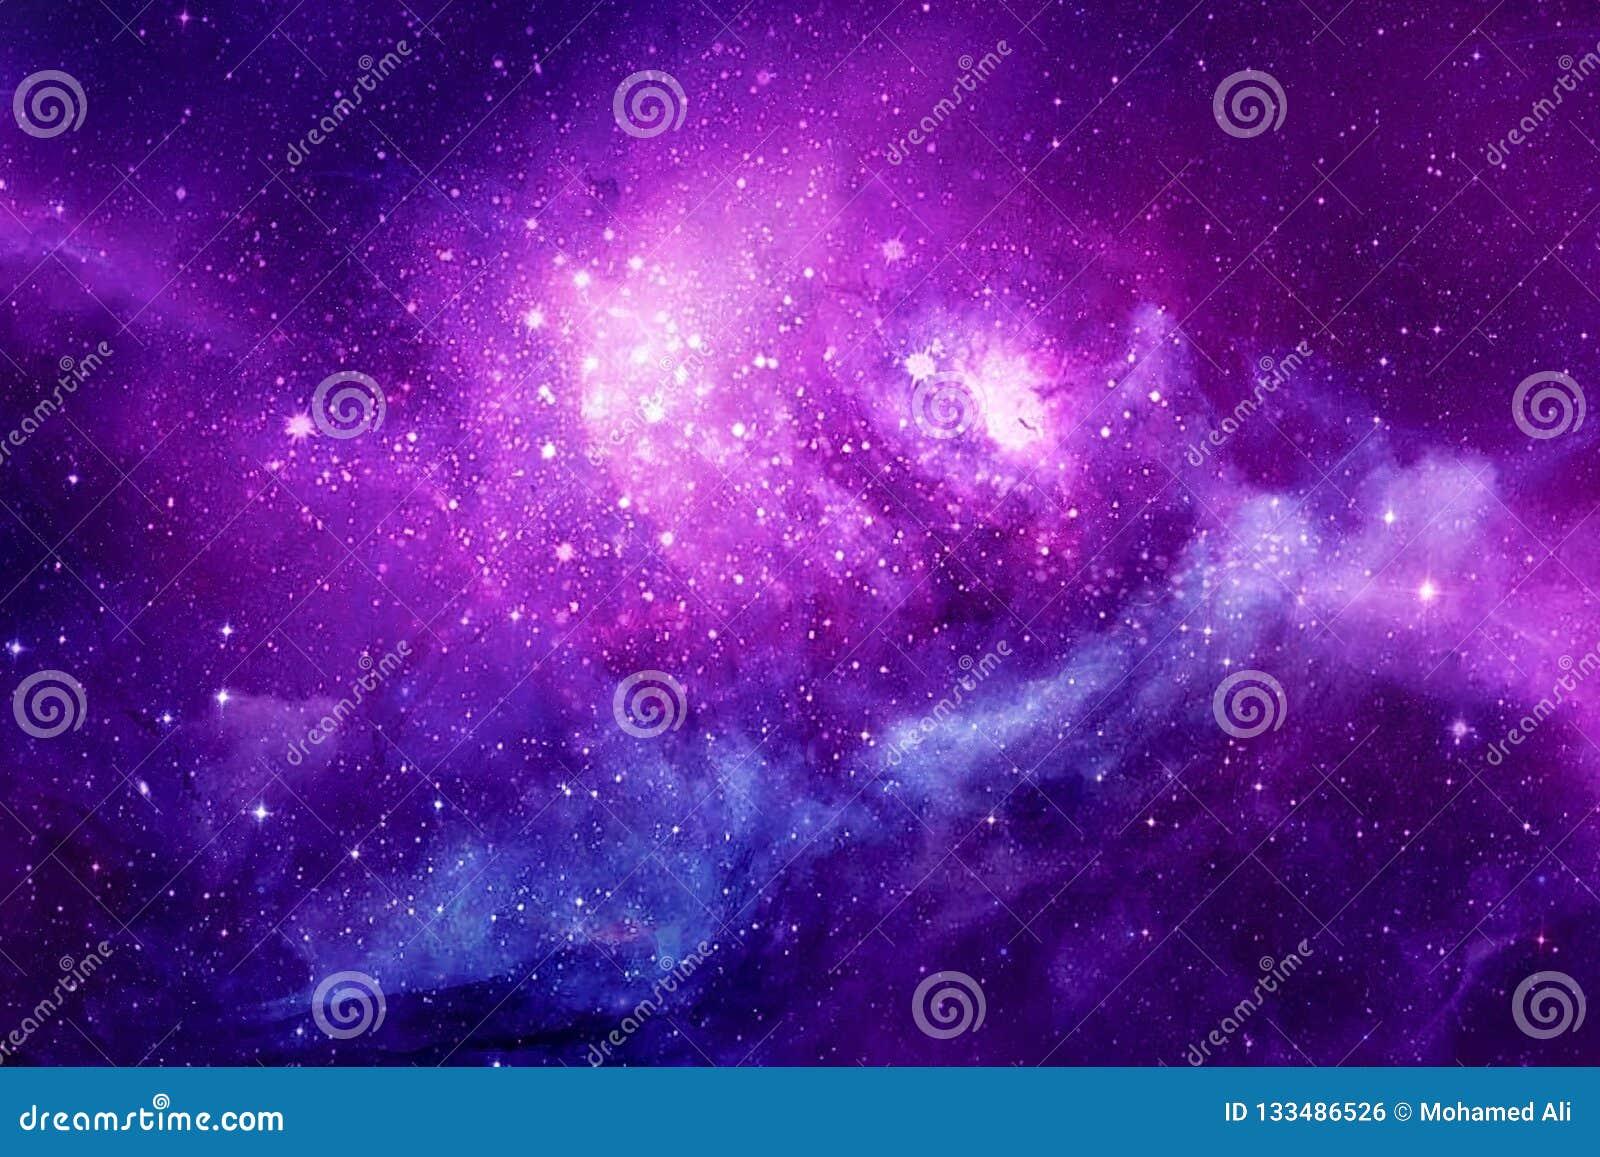 Beau fond unique multicolore artistique de galaxie